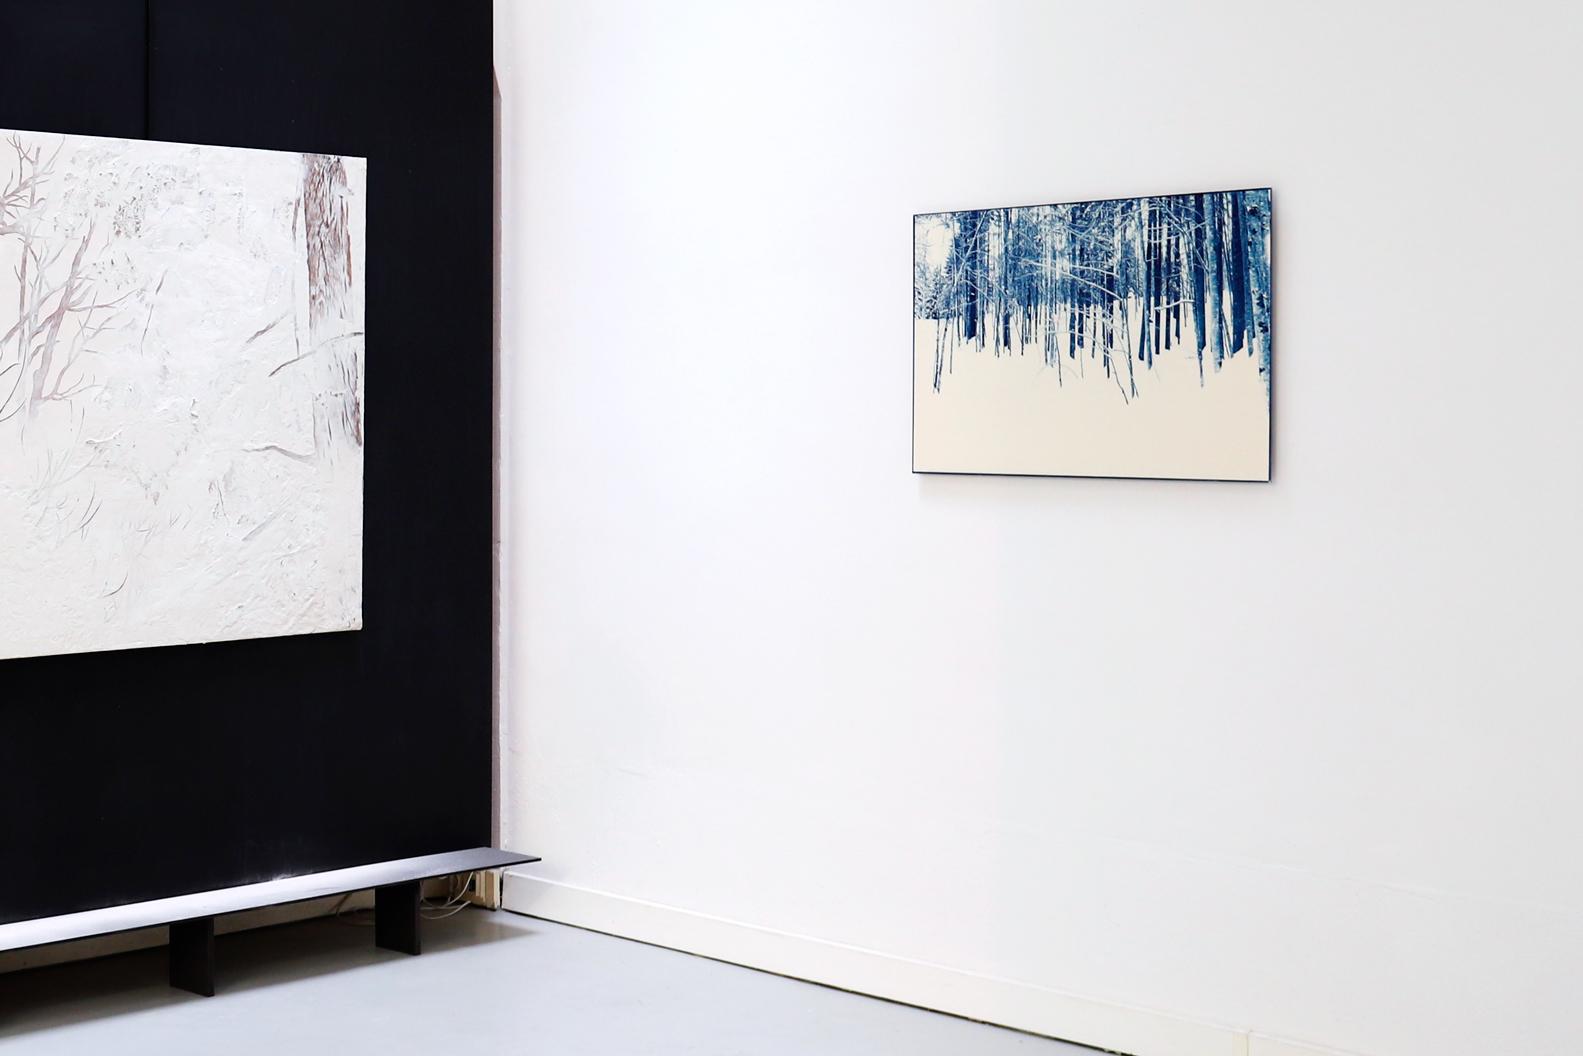 coupe, vue d'exposition, 2019, cyanotype, 61x81 cm